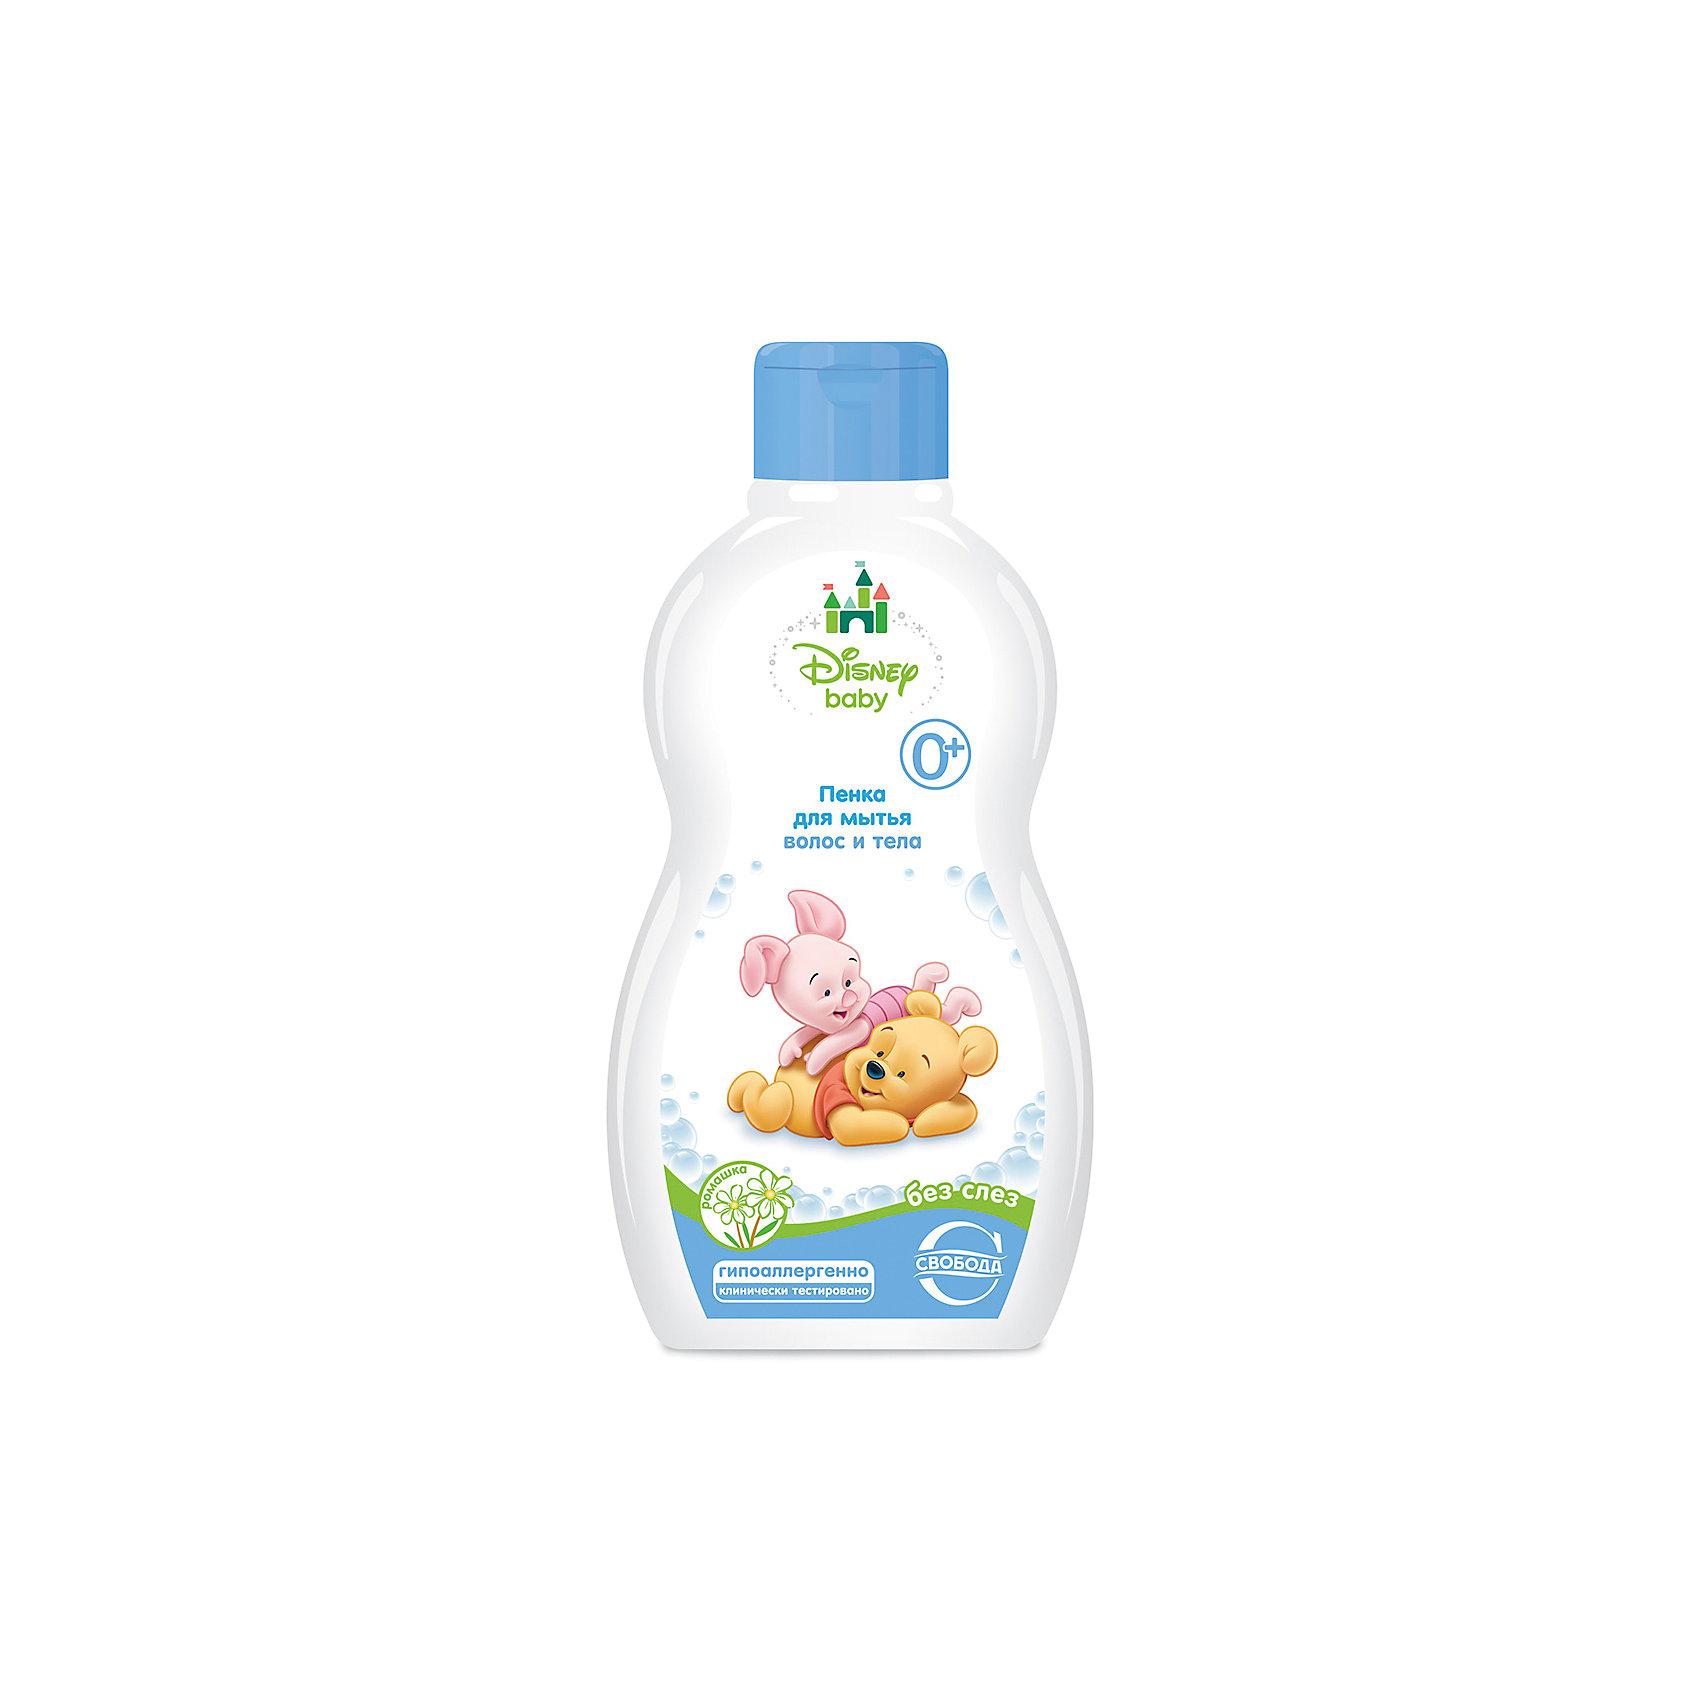 Пенка для мытья волос и тела с ромашкой Disney baby, Свобода